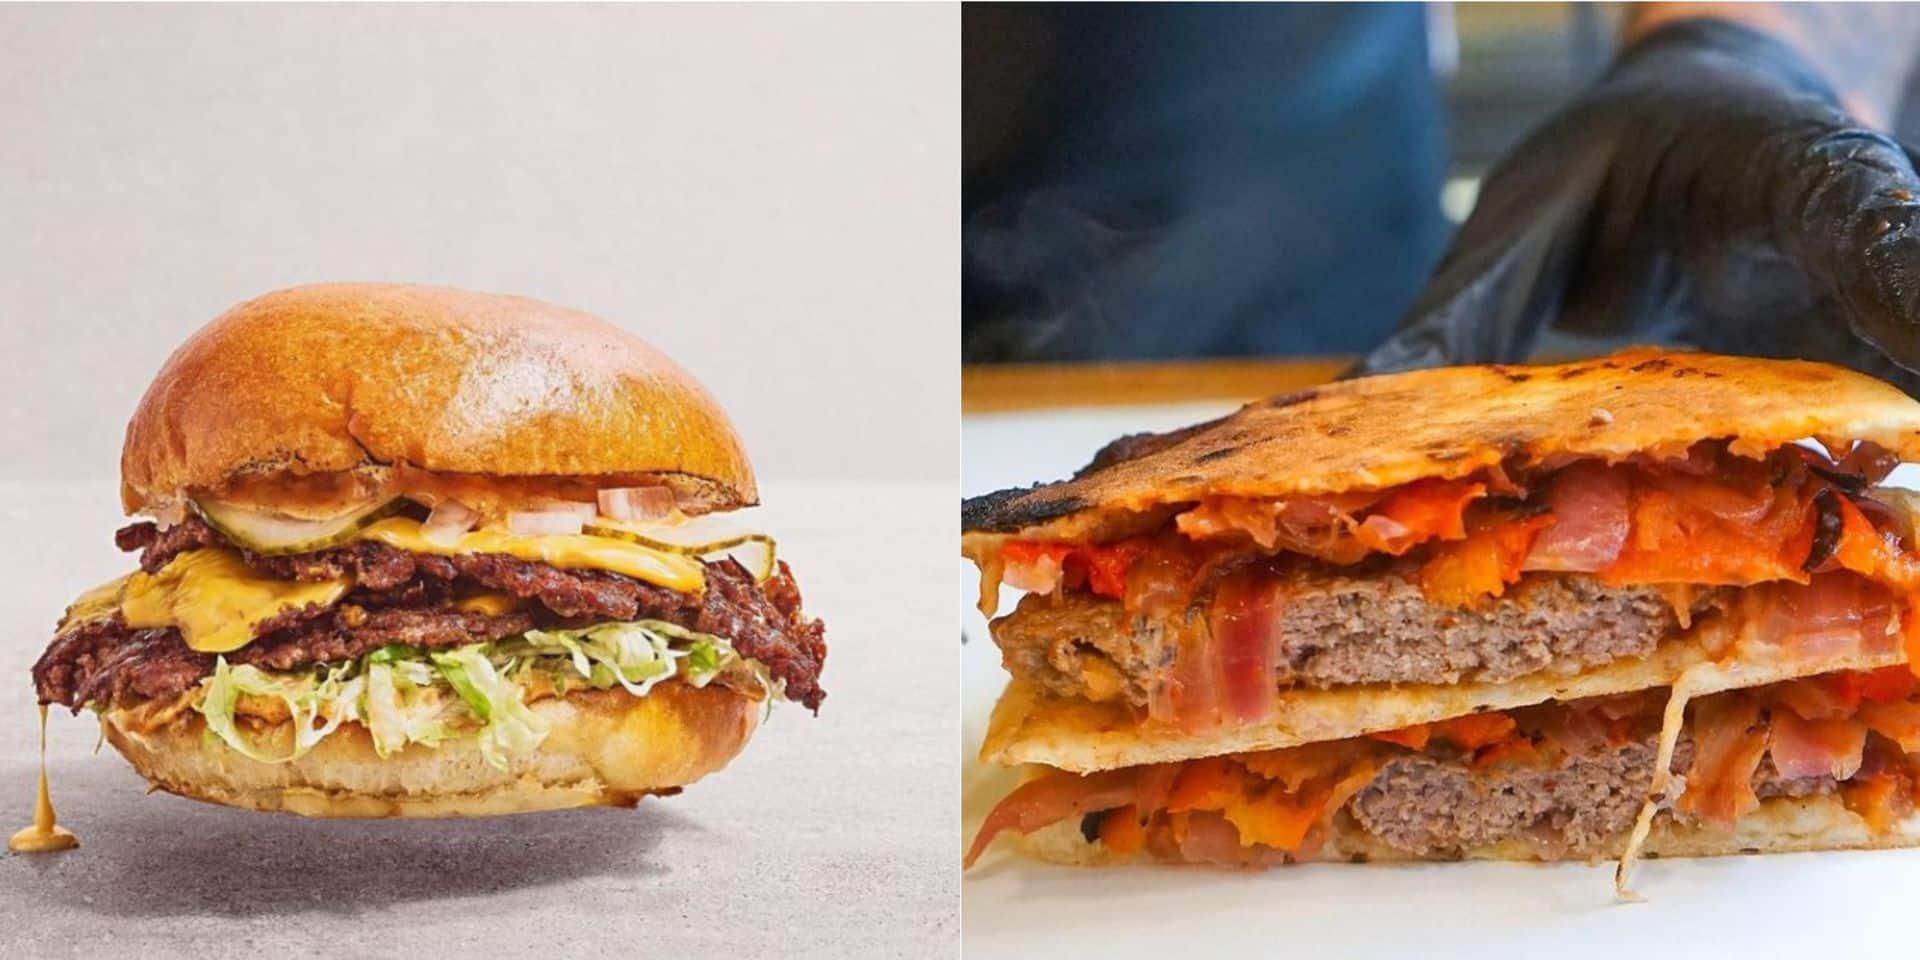 Pains syriens, burgers smashés : deux nouvelles cantines cartonnent à Bruxelles avec leurs plats à emporter